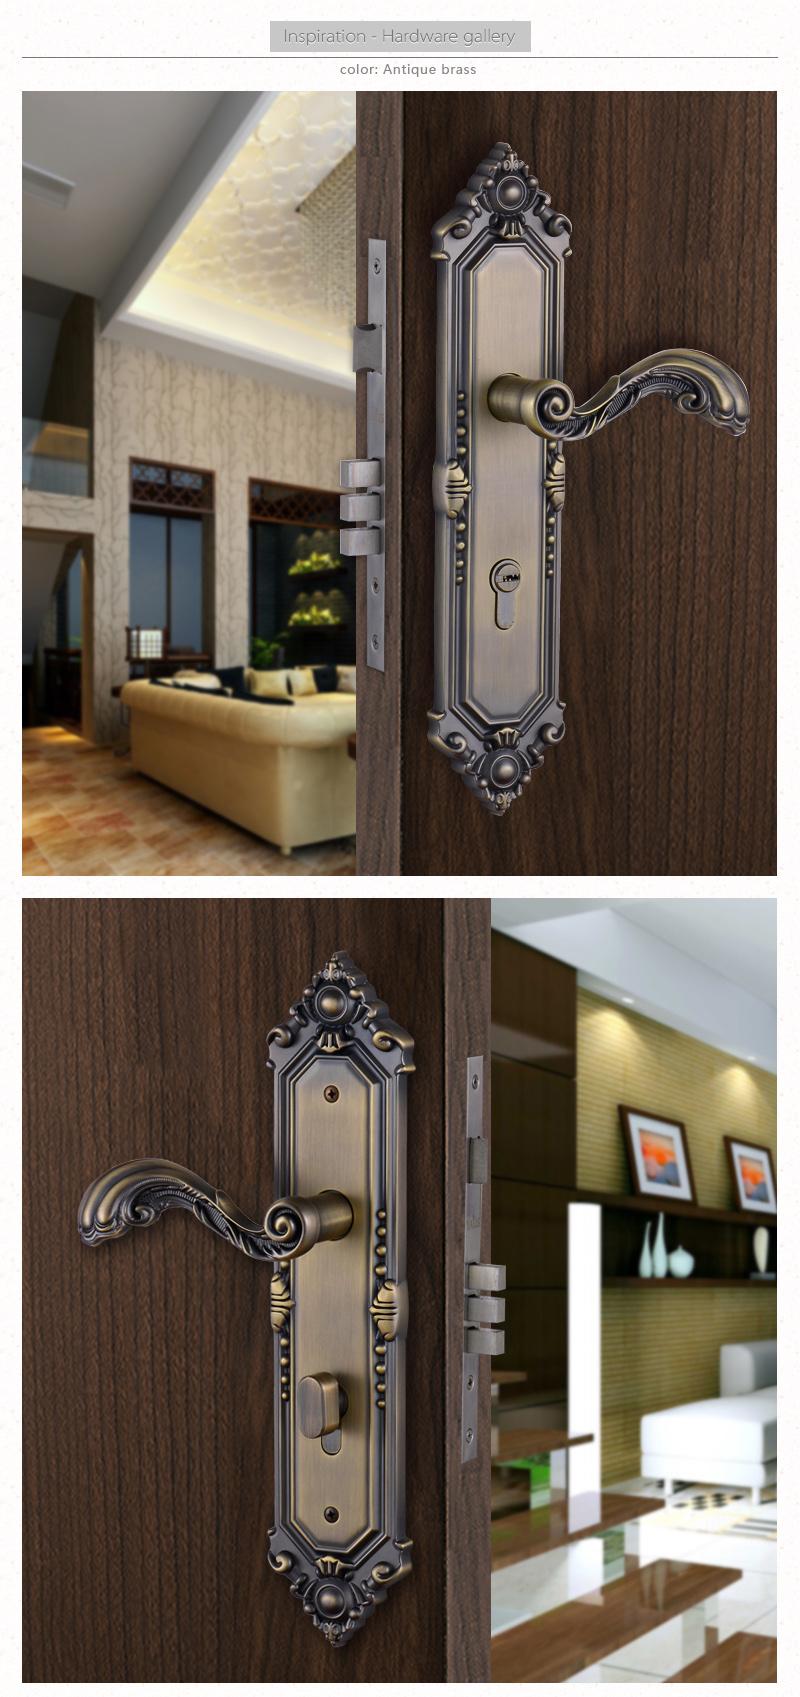 6085 Lock Body Antique Brass Front Apartment Room Door Lock Cover Plate Buy Door Lock Cover